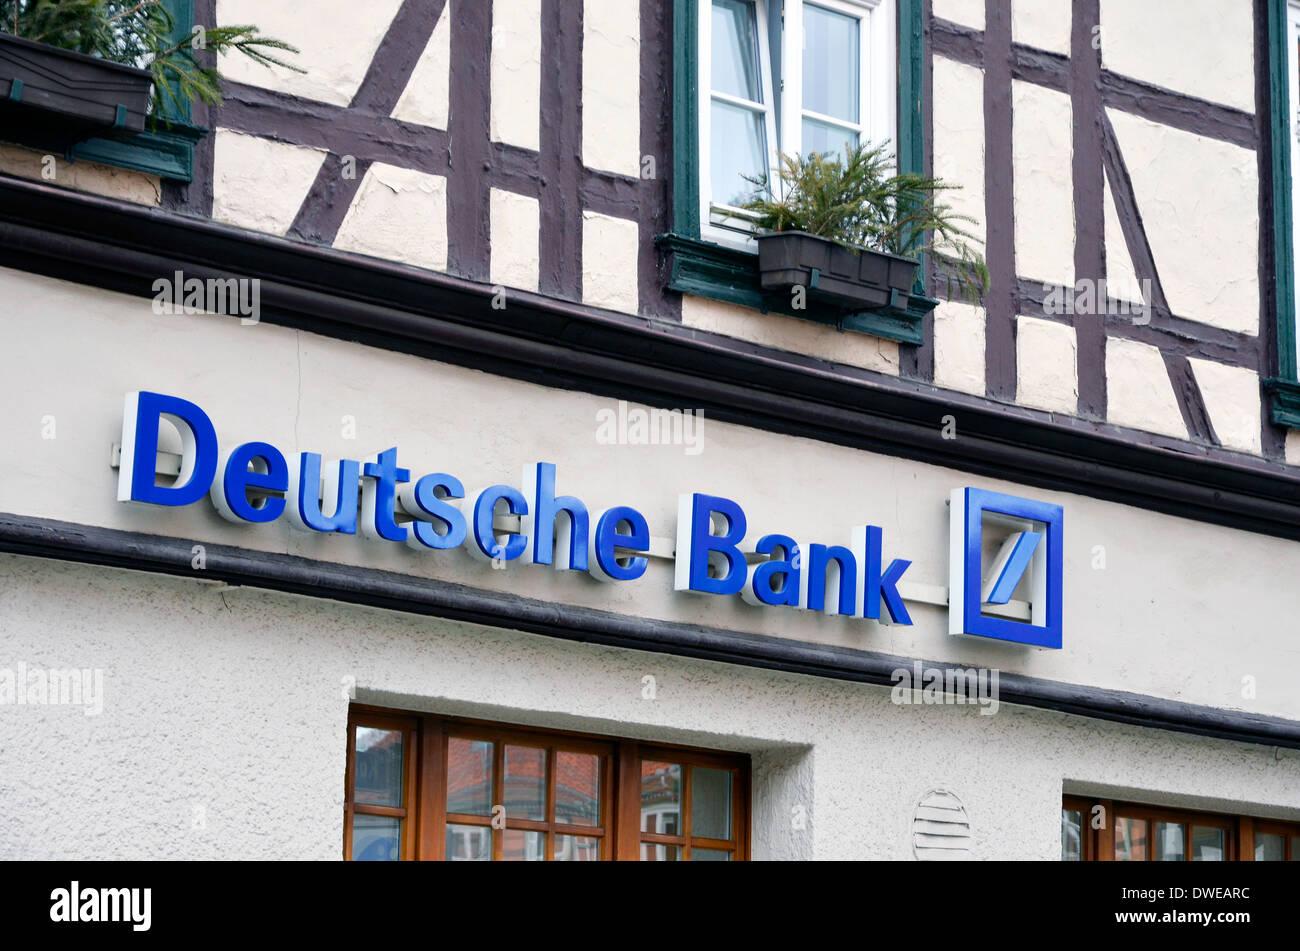 Deutsche Bank sign and logo on a traditional building in Wernigerode. Deutsche Bank Zeichen und Logos - Stock Image